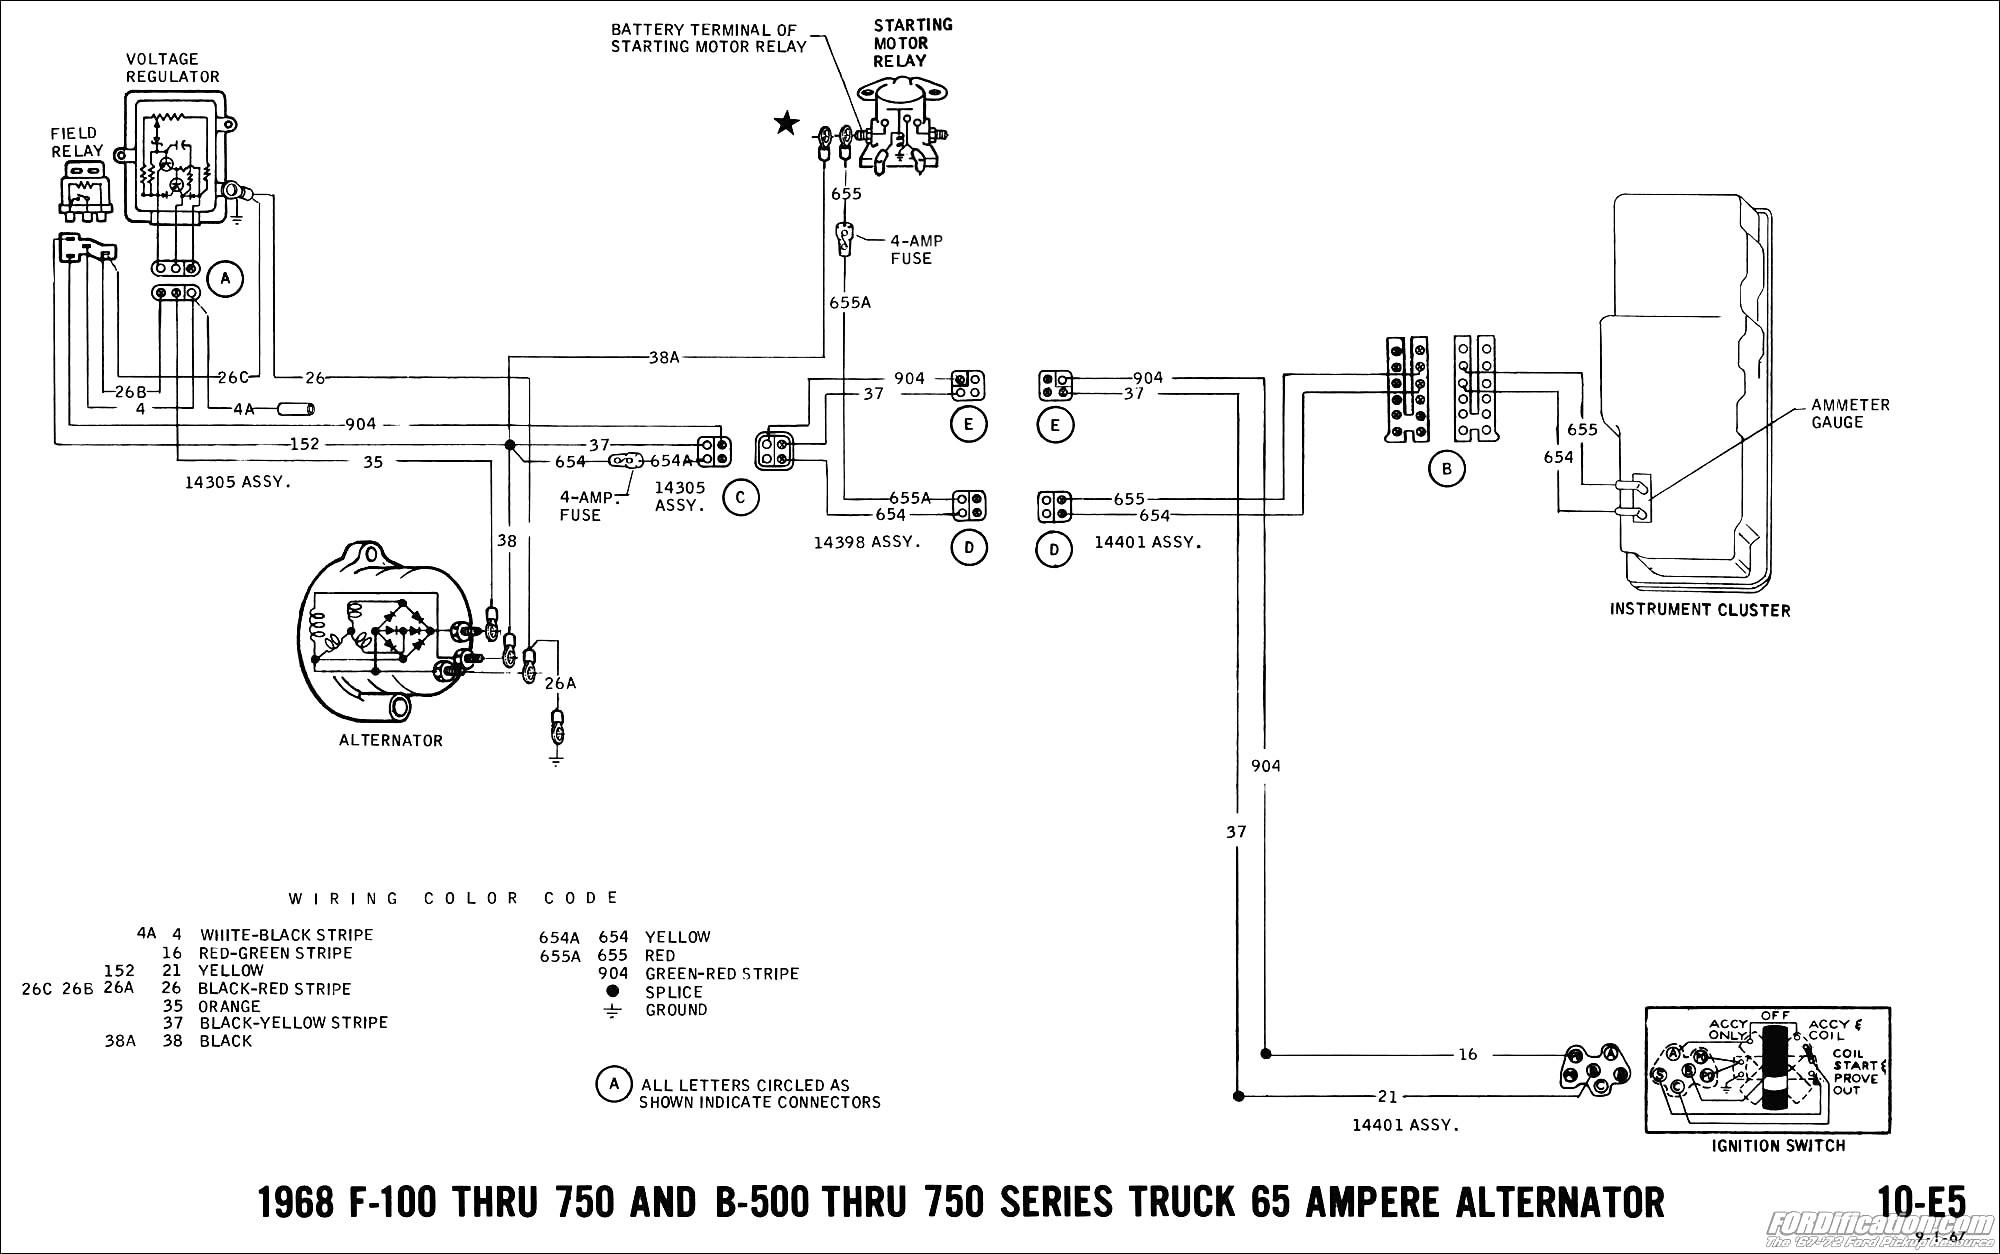 Toyota Alternator Wiring Diagram | Wiring Diagram Image